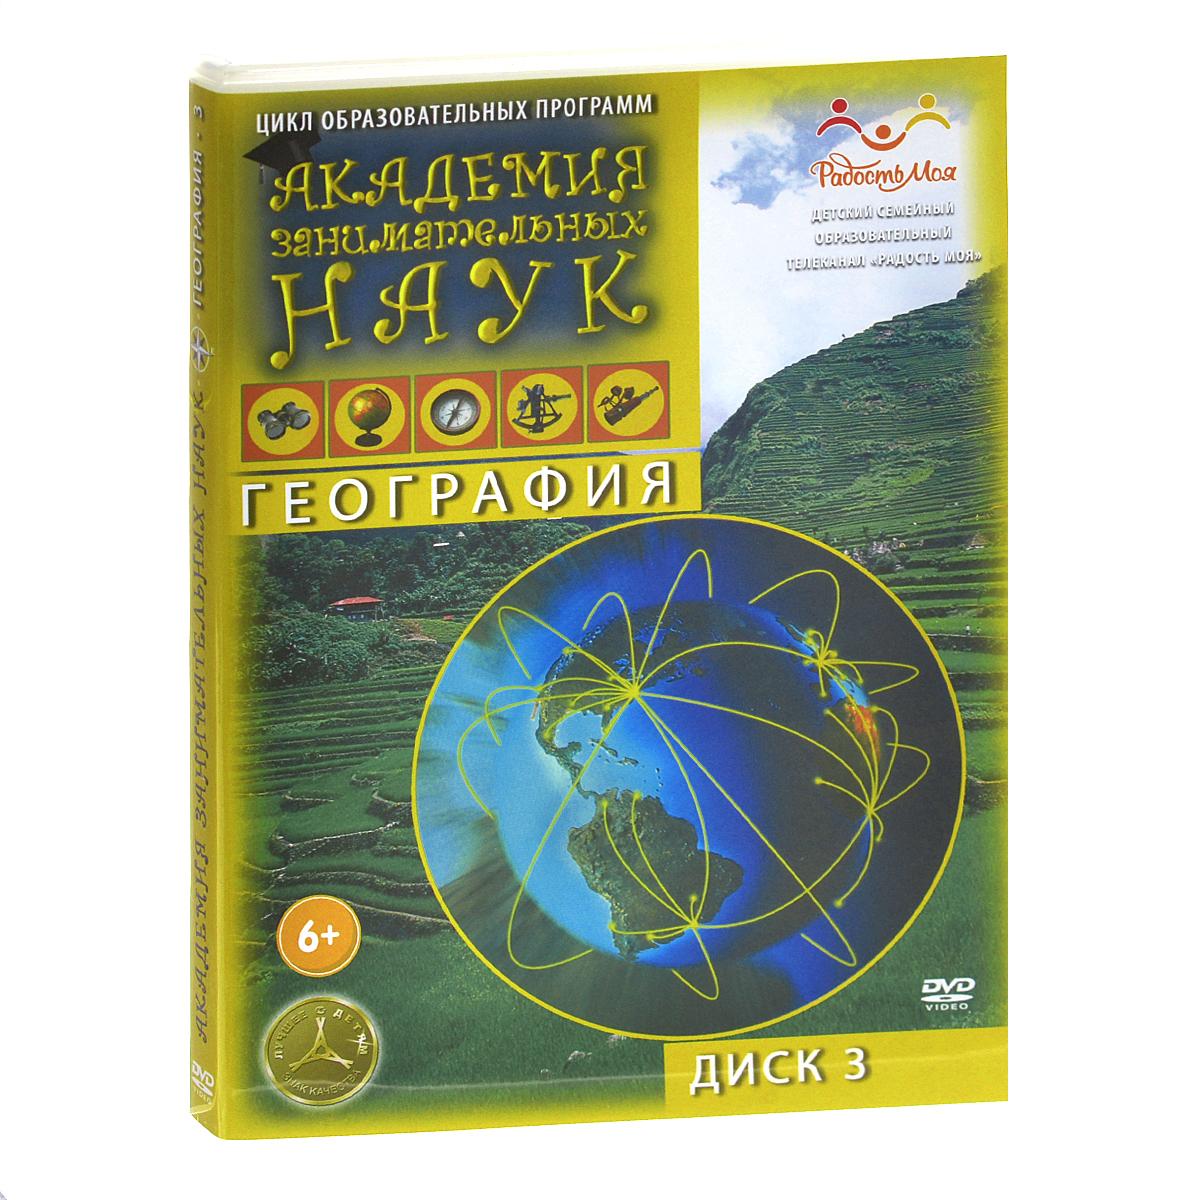 Что такое тектонический разлом, откуда взялось течение Гольфстрим и как ему удаётся согреть сушу, кто живёт в болотах парка Эверглейдс? Откуда берутся облака, почему Фернан Магеллан назвал Тихим самый шумный океан, как называется самый известный парк Кении? Какого размера айсберги, кому принадлежит Антарктида и как пингвины с Южного полюса оказываются на африканском побережье? Зачем людям нужны барометры, какую фантастическую страну искали европейцы в Южной Америке до XIX века, сколько птиц можно насчитать в индийском заповеднике Кеоладео Гхана?